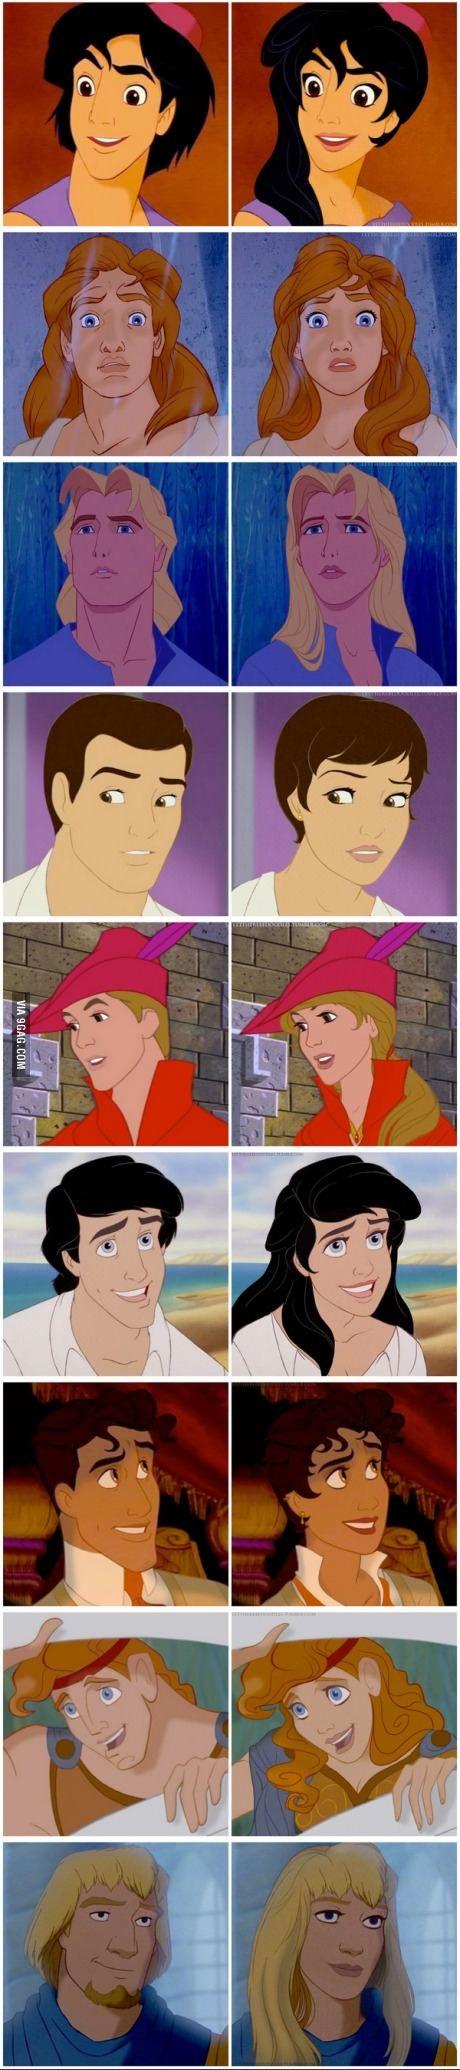 Disney gender bend